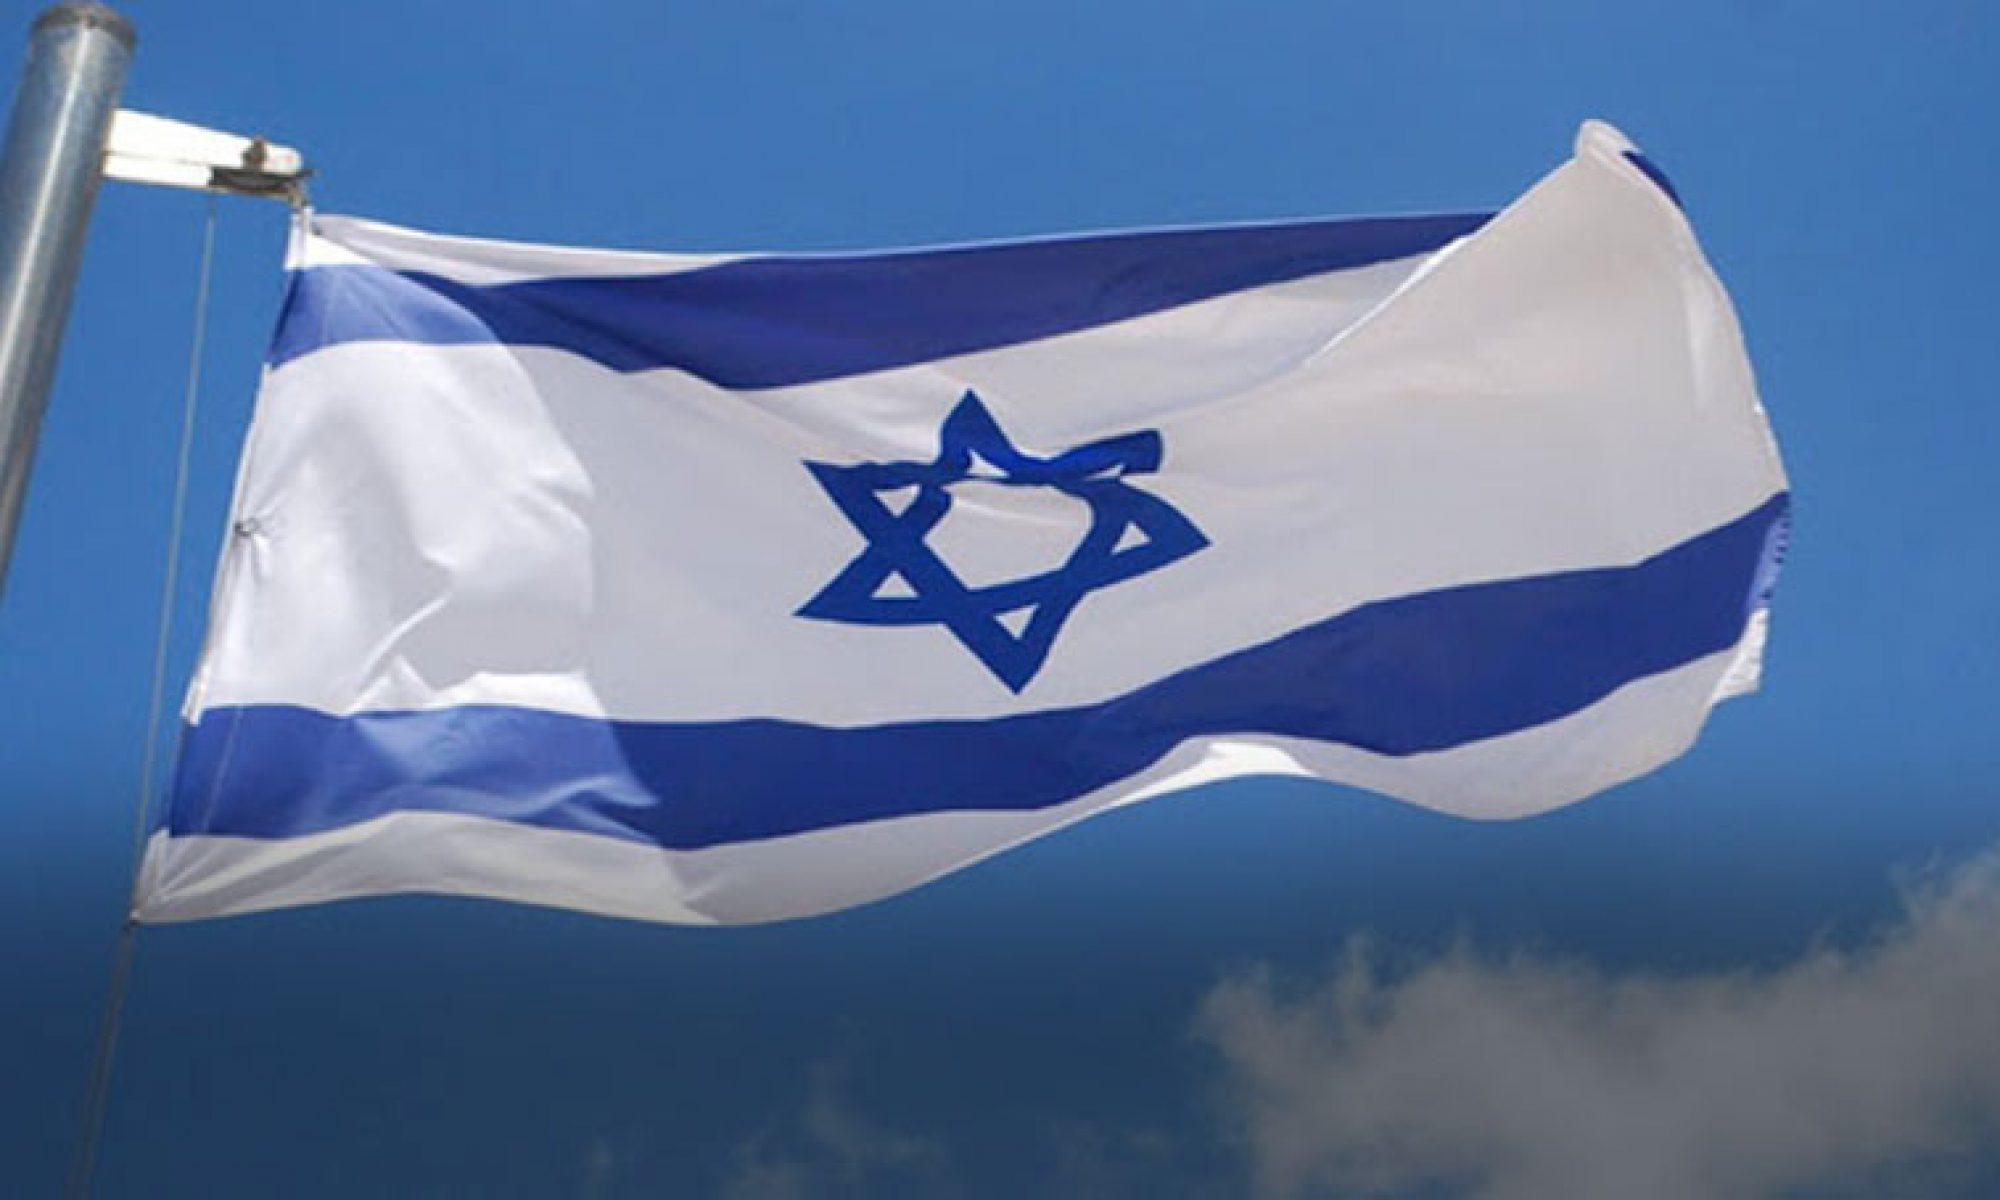 ئیسرائیل بالیۆزخانەیا خوە ل ڤی ولاتێ عەرەبی ژی ڤەدکەت